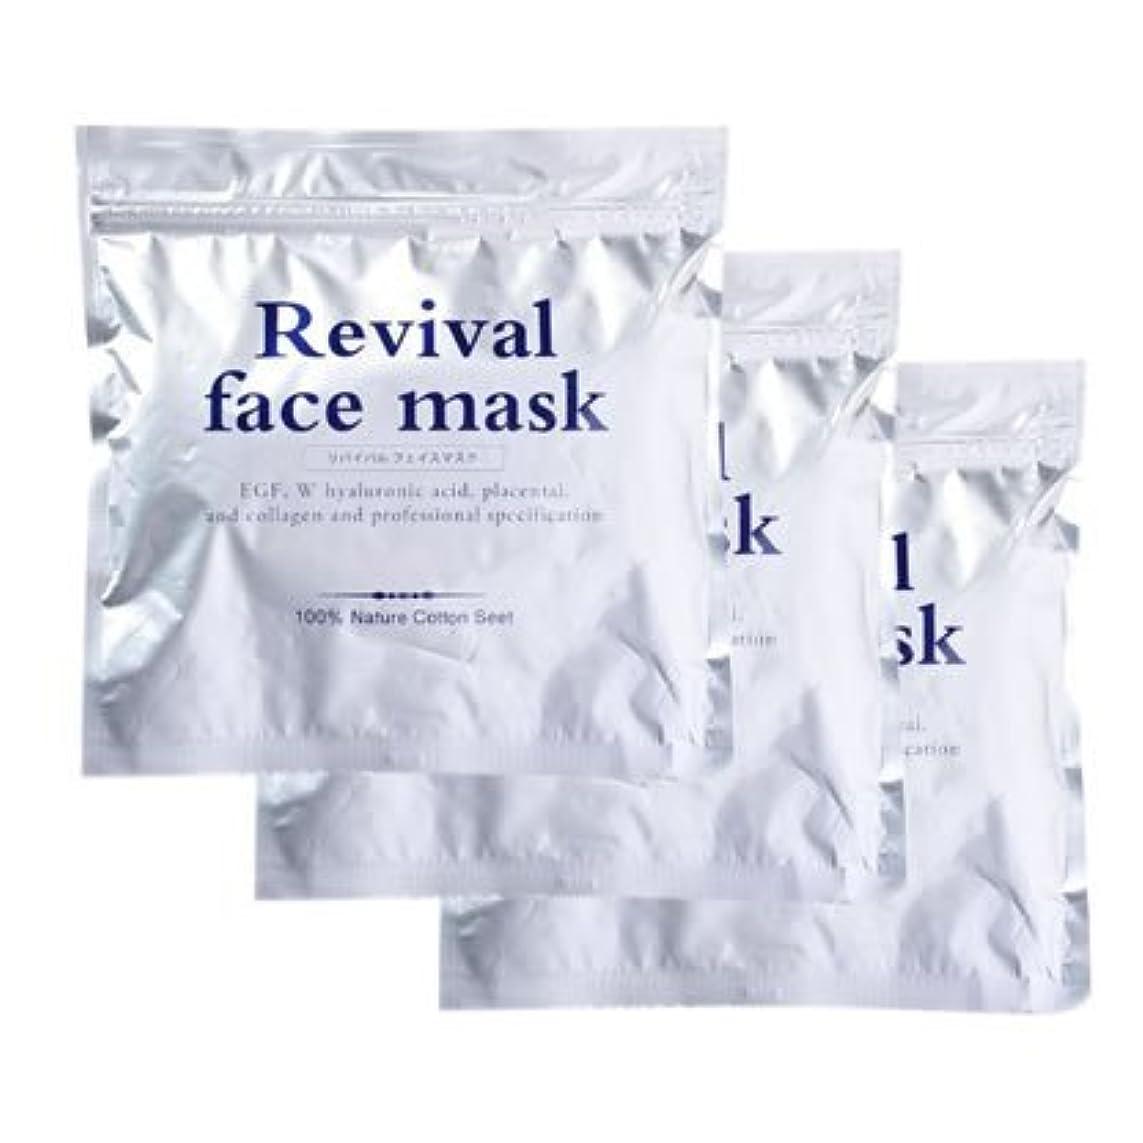 ウルル工業化するディプロマリバイバルフェイスマスク 90枚セット(30枚×3袋)